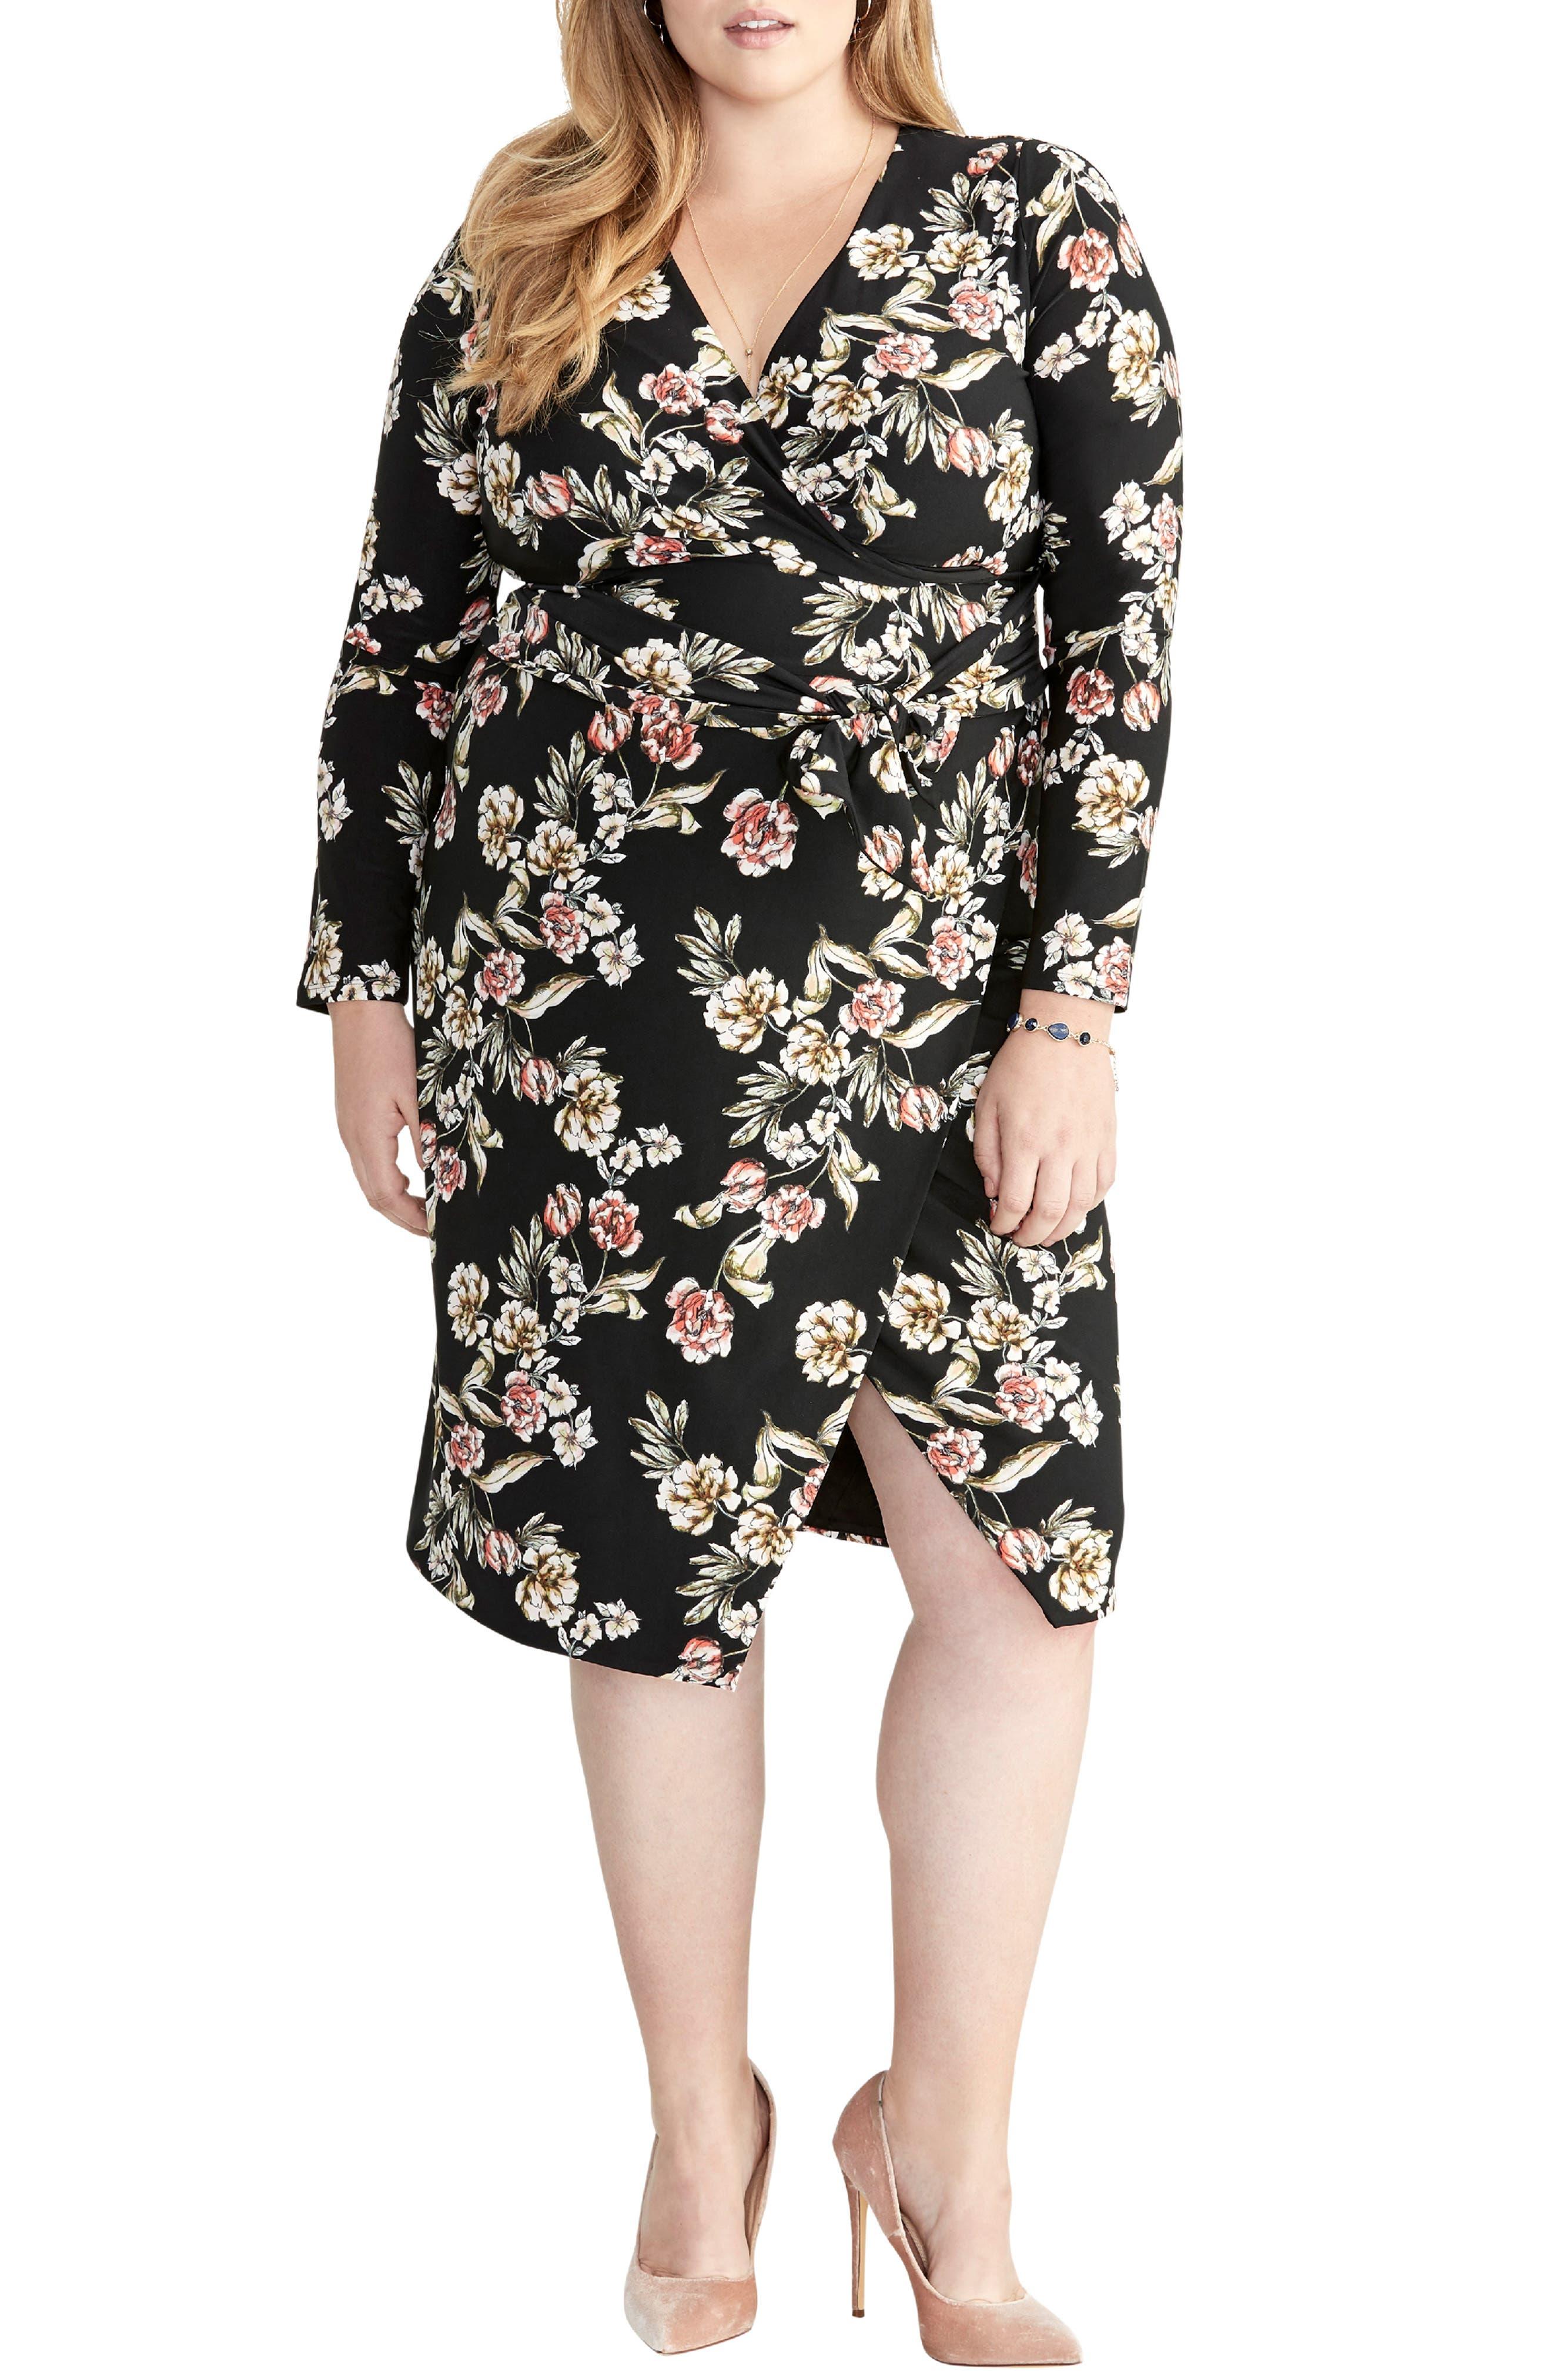 Plus Size Rachel Rachel Roy Floral Faux Wrap Dress, Black